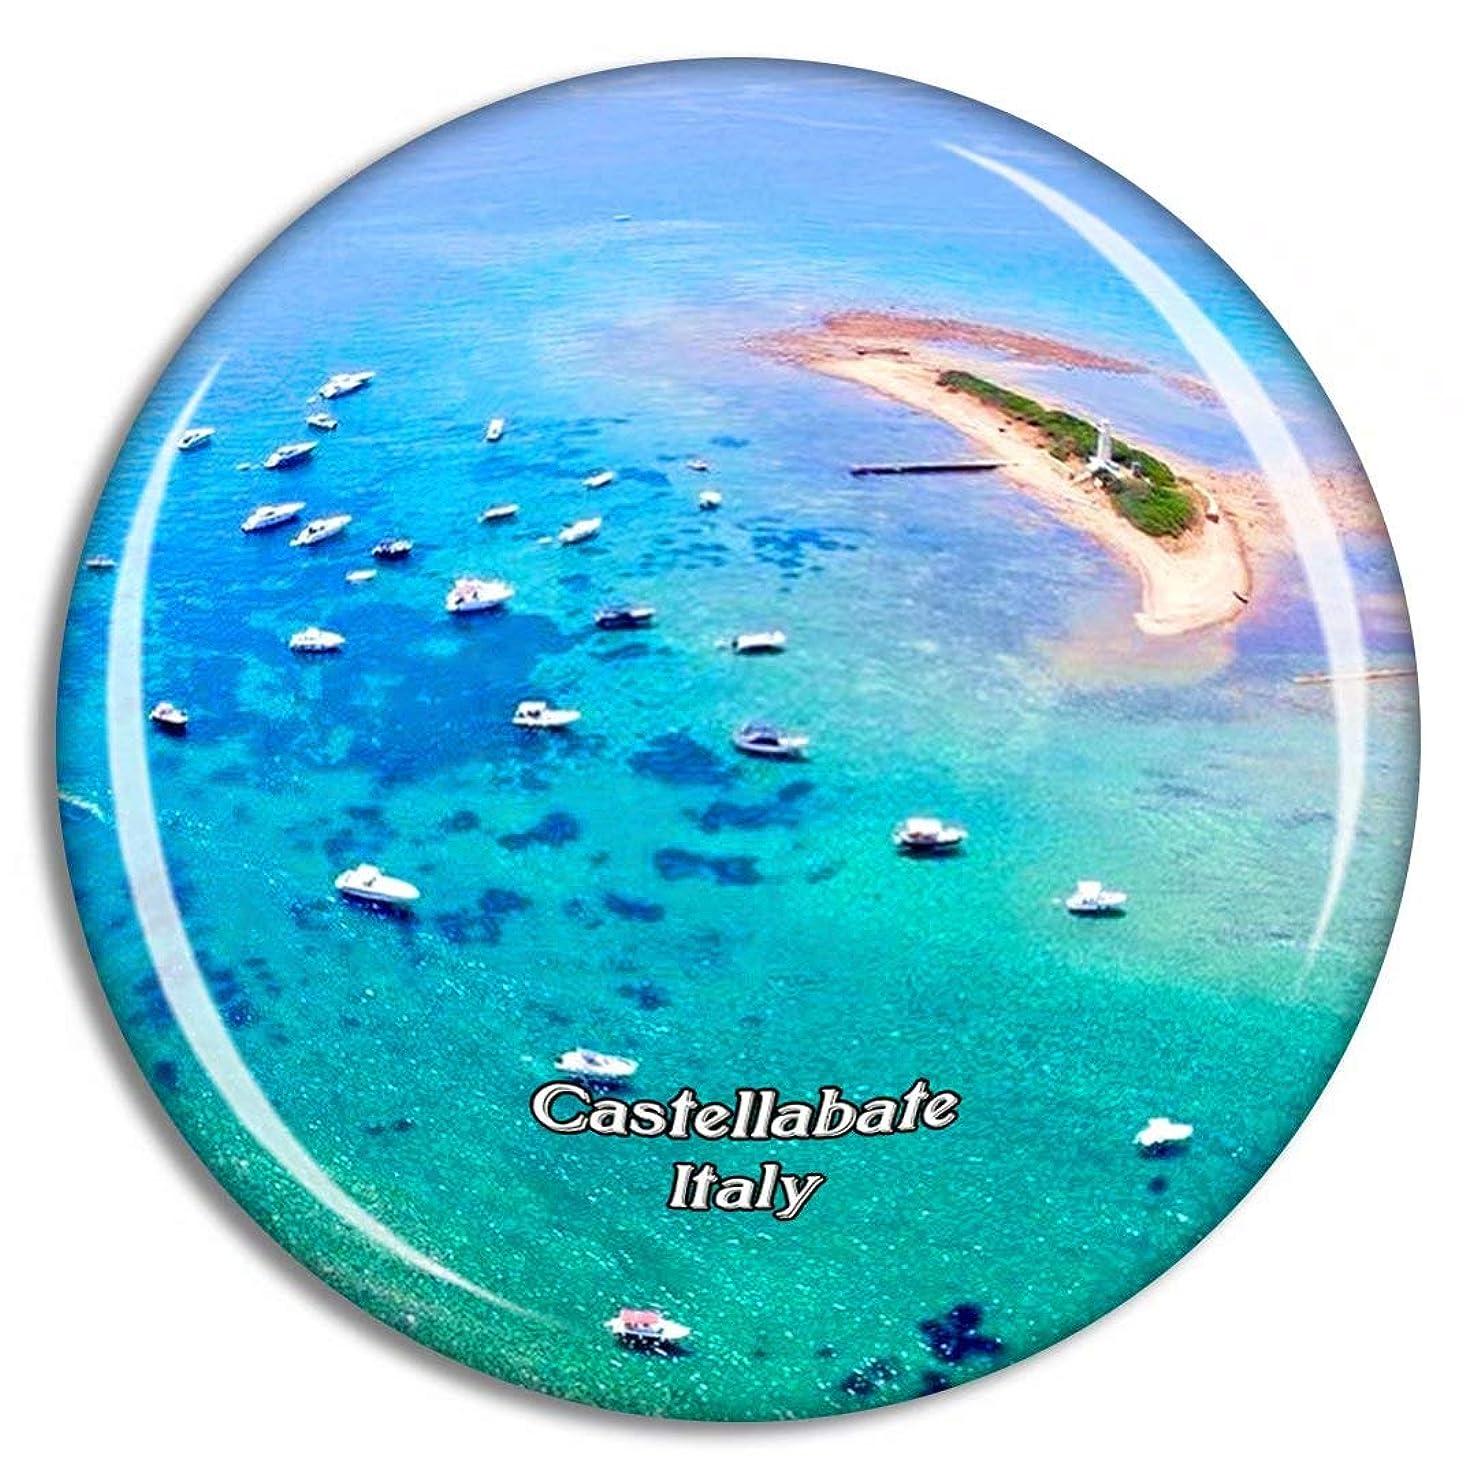 気づかない悔い改め病的Weekino イタリアCastellabate Punta Licosa冷蔵庫マグネット3Dクリスタルガラス観光都市旅行お土産コレクションギフト強い冷蔵庫ステッカー